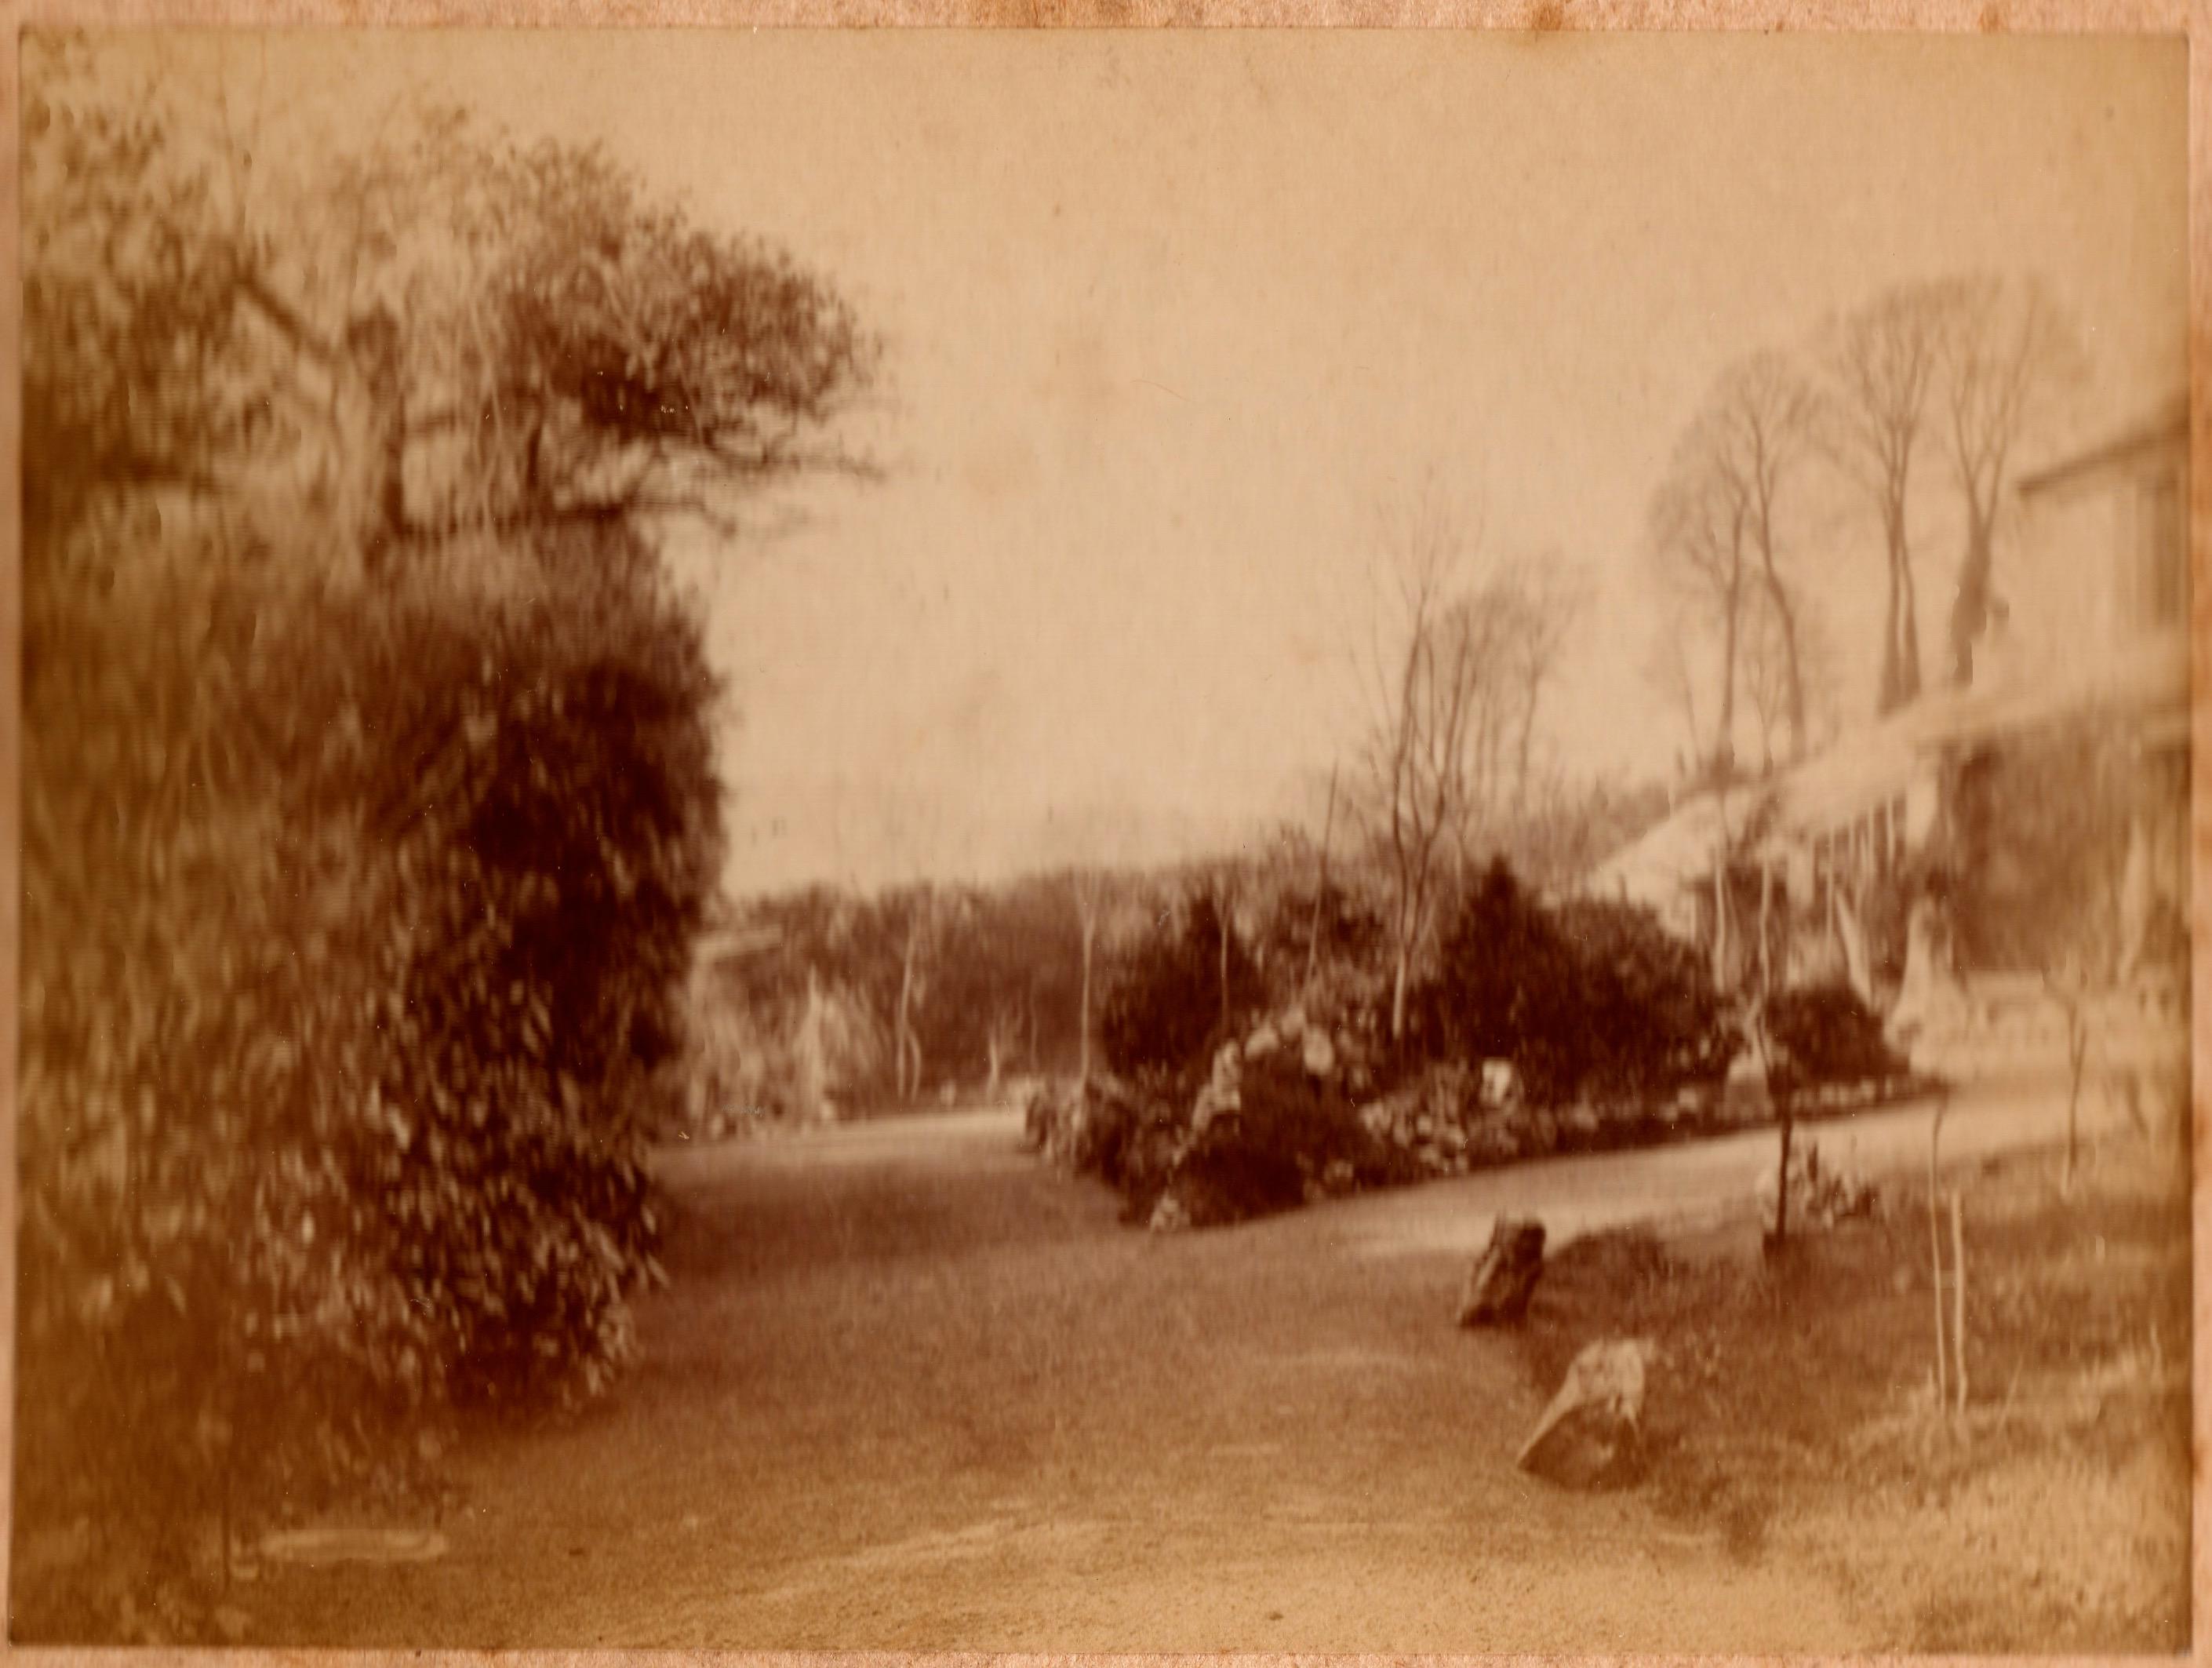 Delamore4 House:Garden